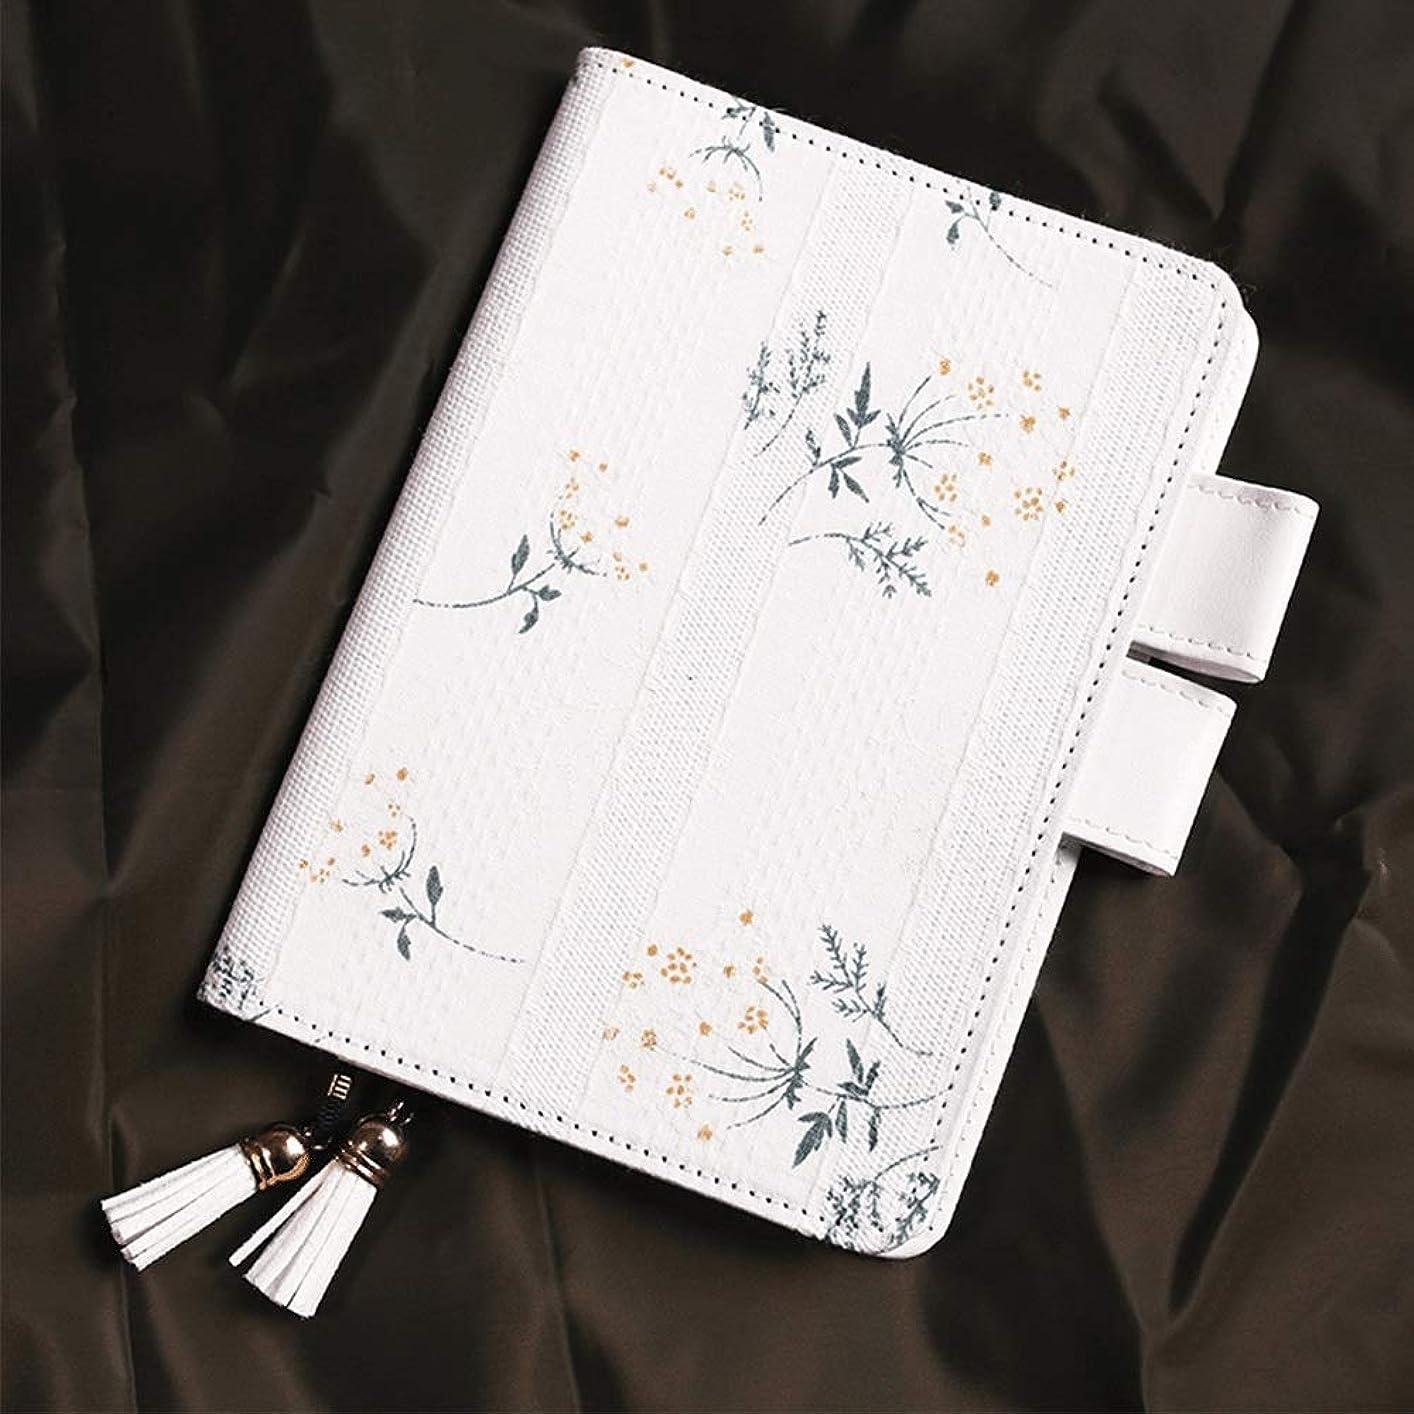 ぺディカブトースト頑丈A6ノートブック花生地ジャーナルレザーハンドブックシンプルなメモ帳ファインアート日記 Blingstars